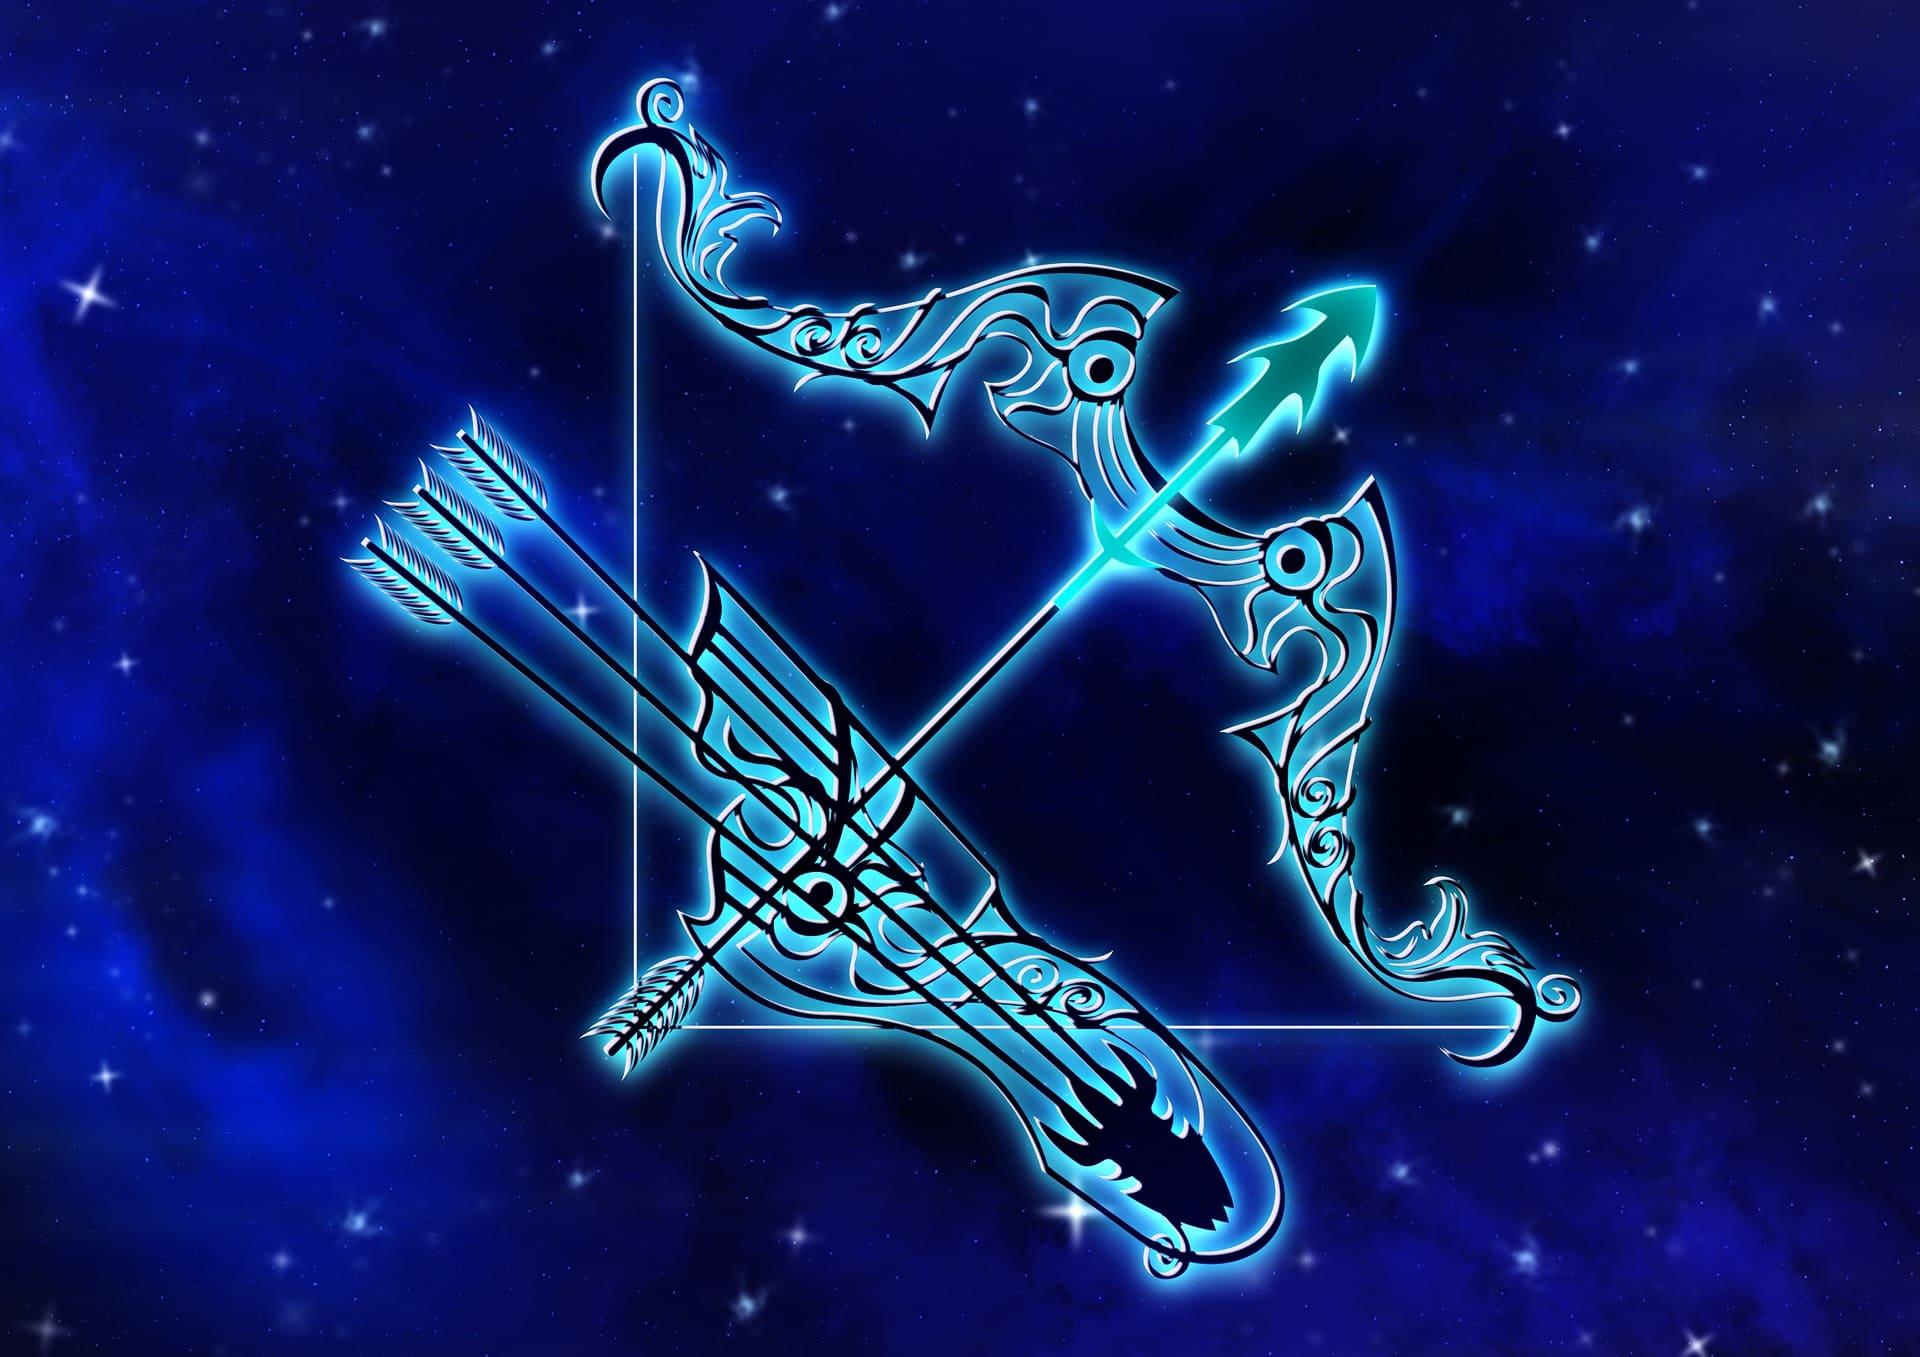 Камни для Стрельца по гороскопу - выбор для мужчин и женщин по дате и году рождения